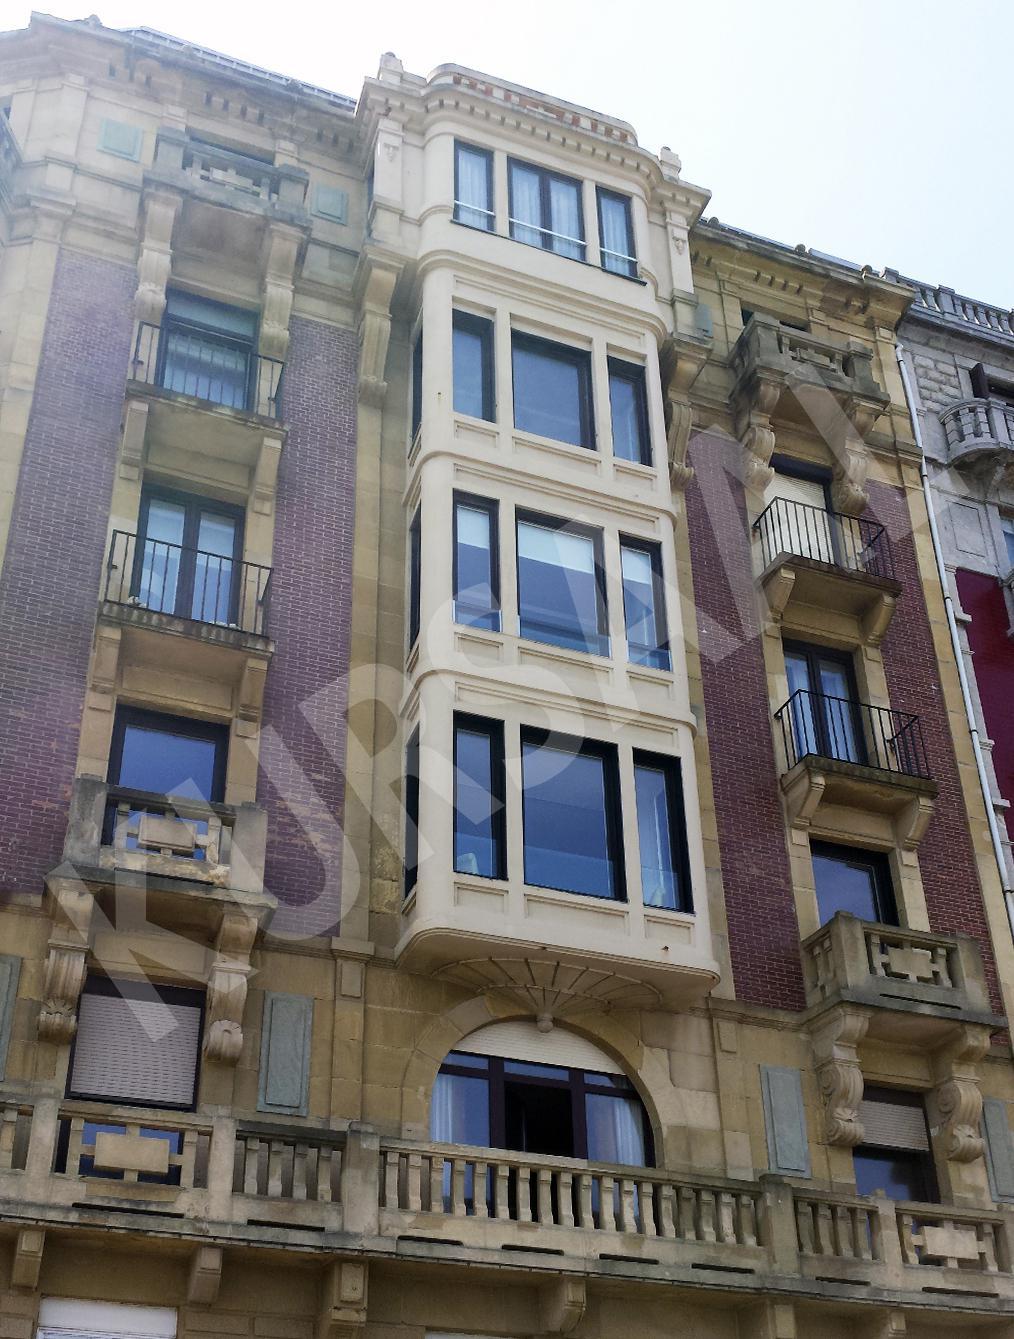 foto 3 - Restauración y patrimonio-Paseo de Salamanca, 11-DONOSTIA